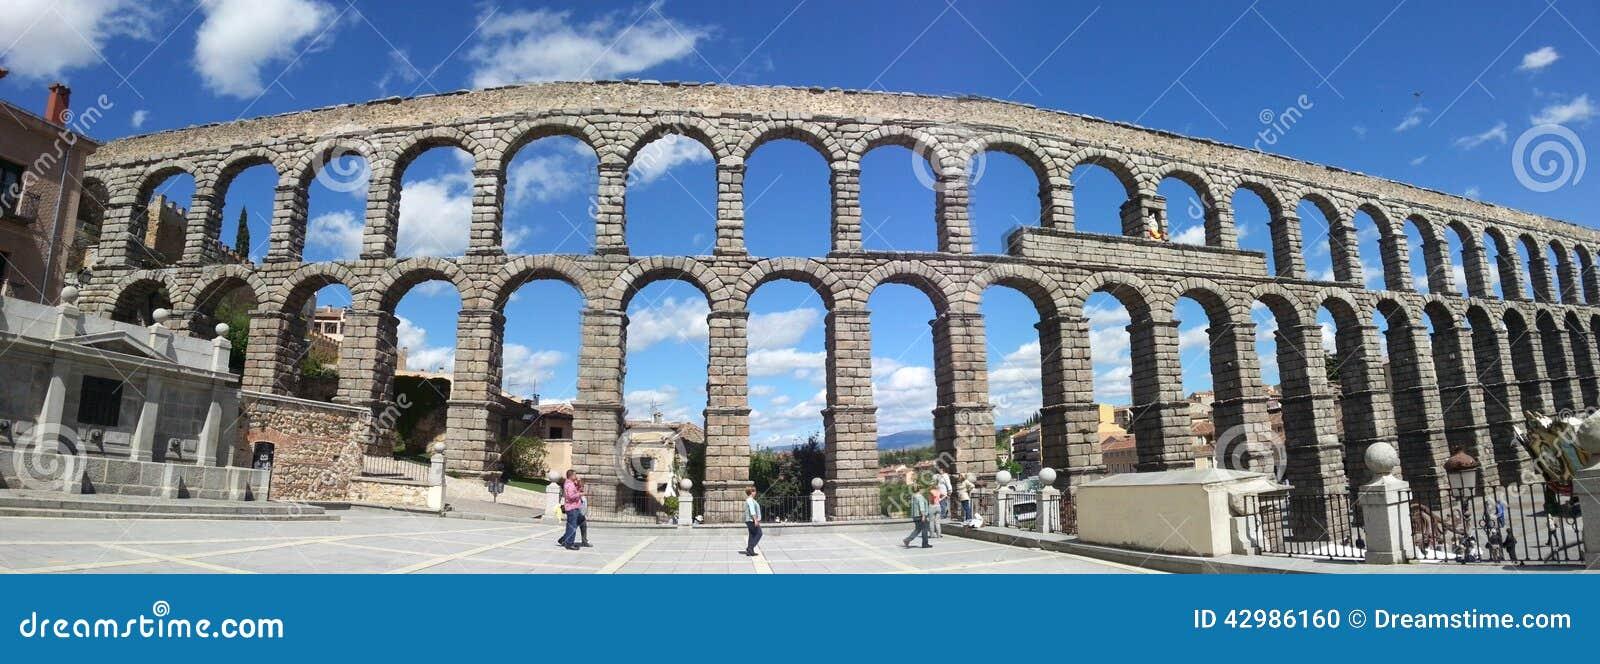 Acueducto en Segovia España